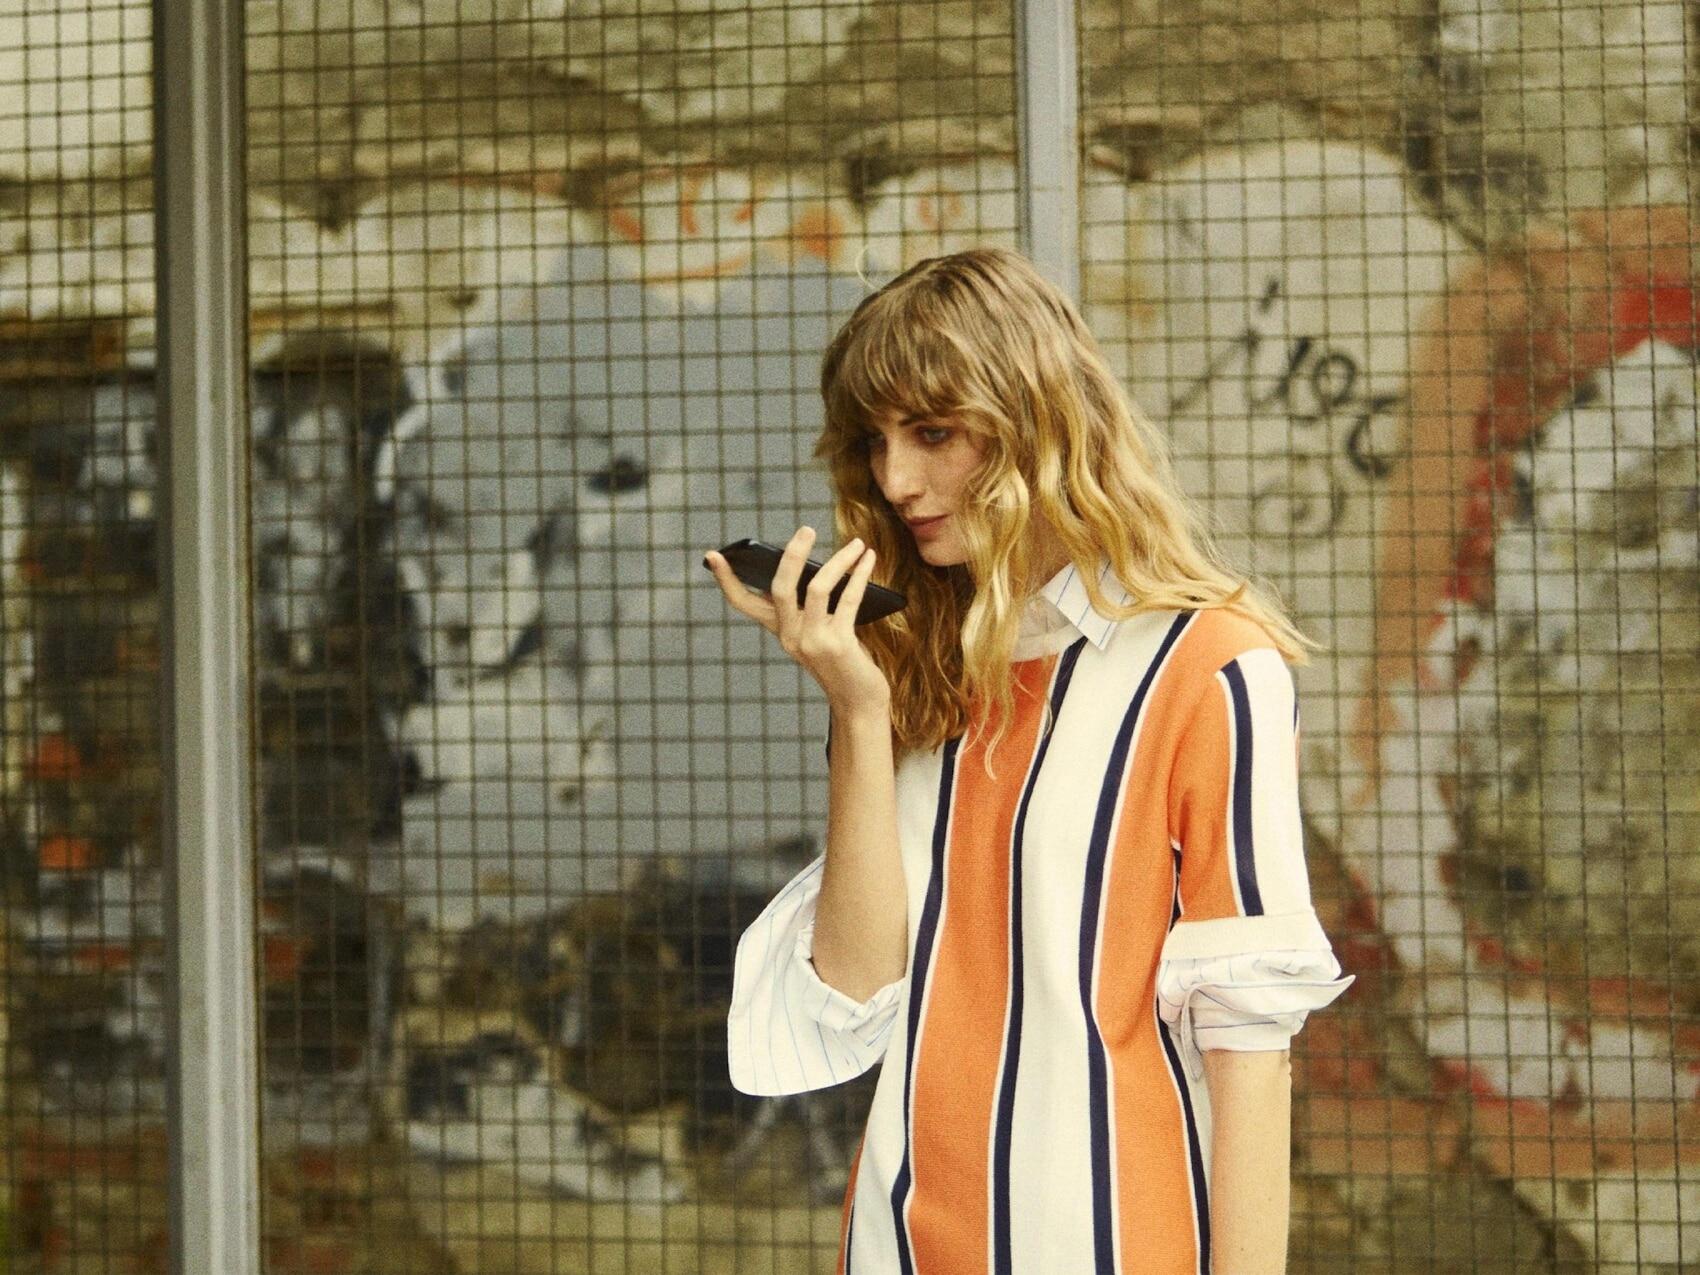 Młoda kobieta ze smartfonem przed kratką.